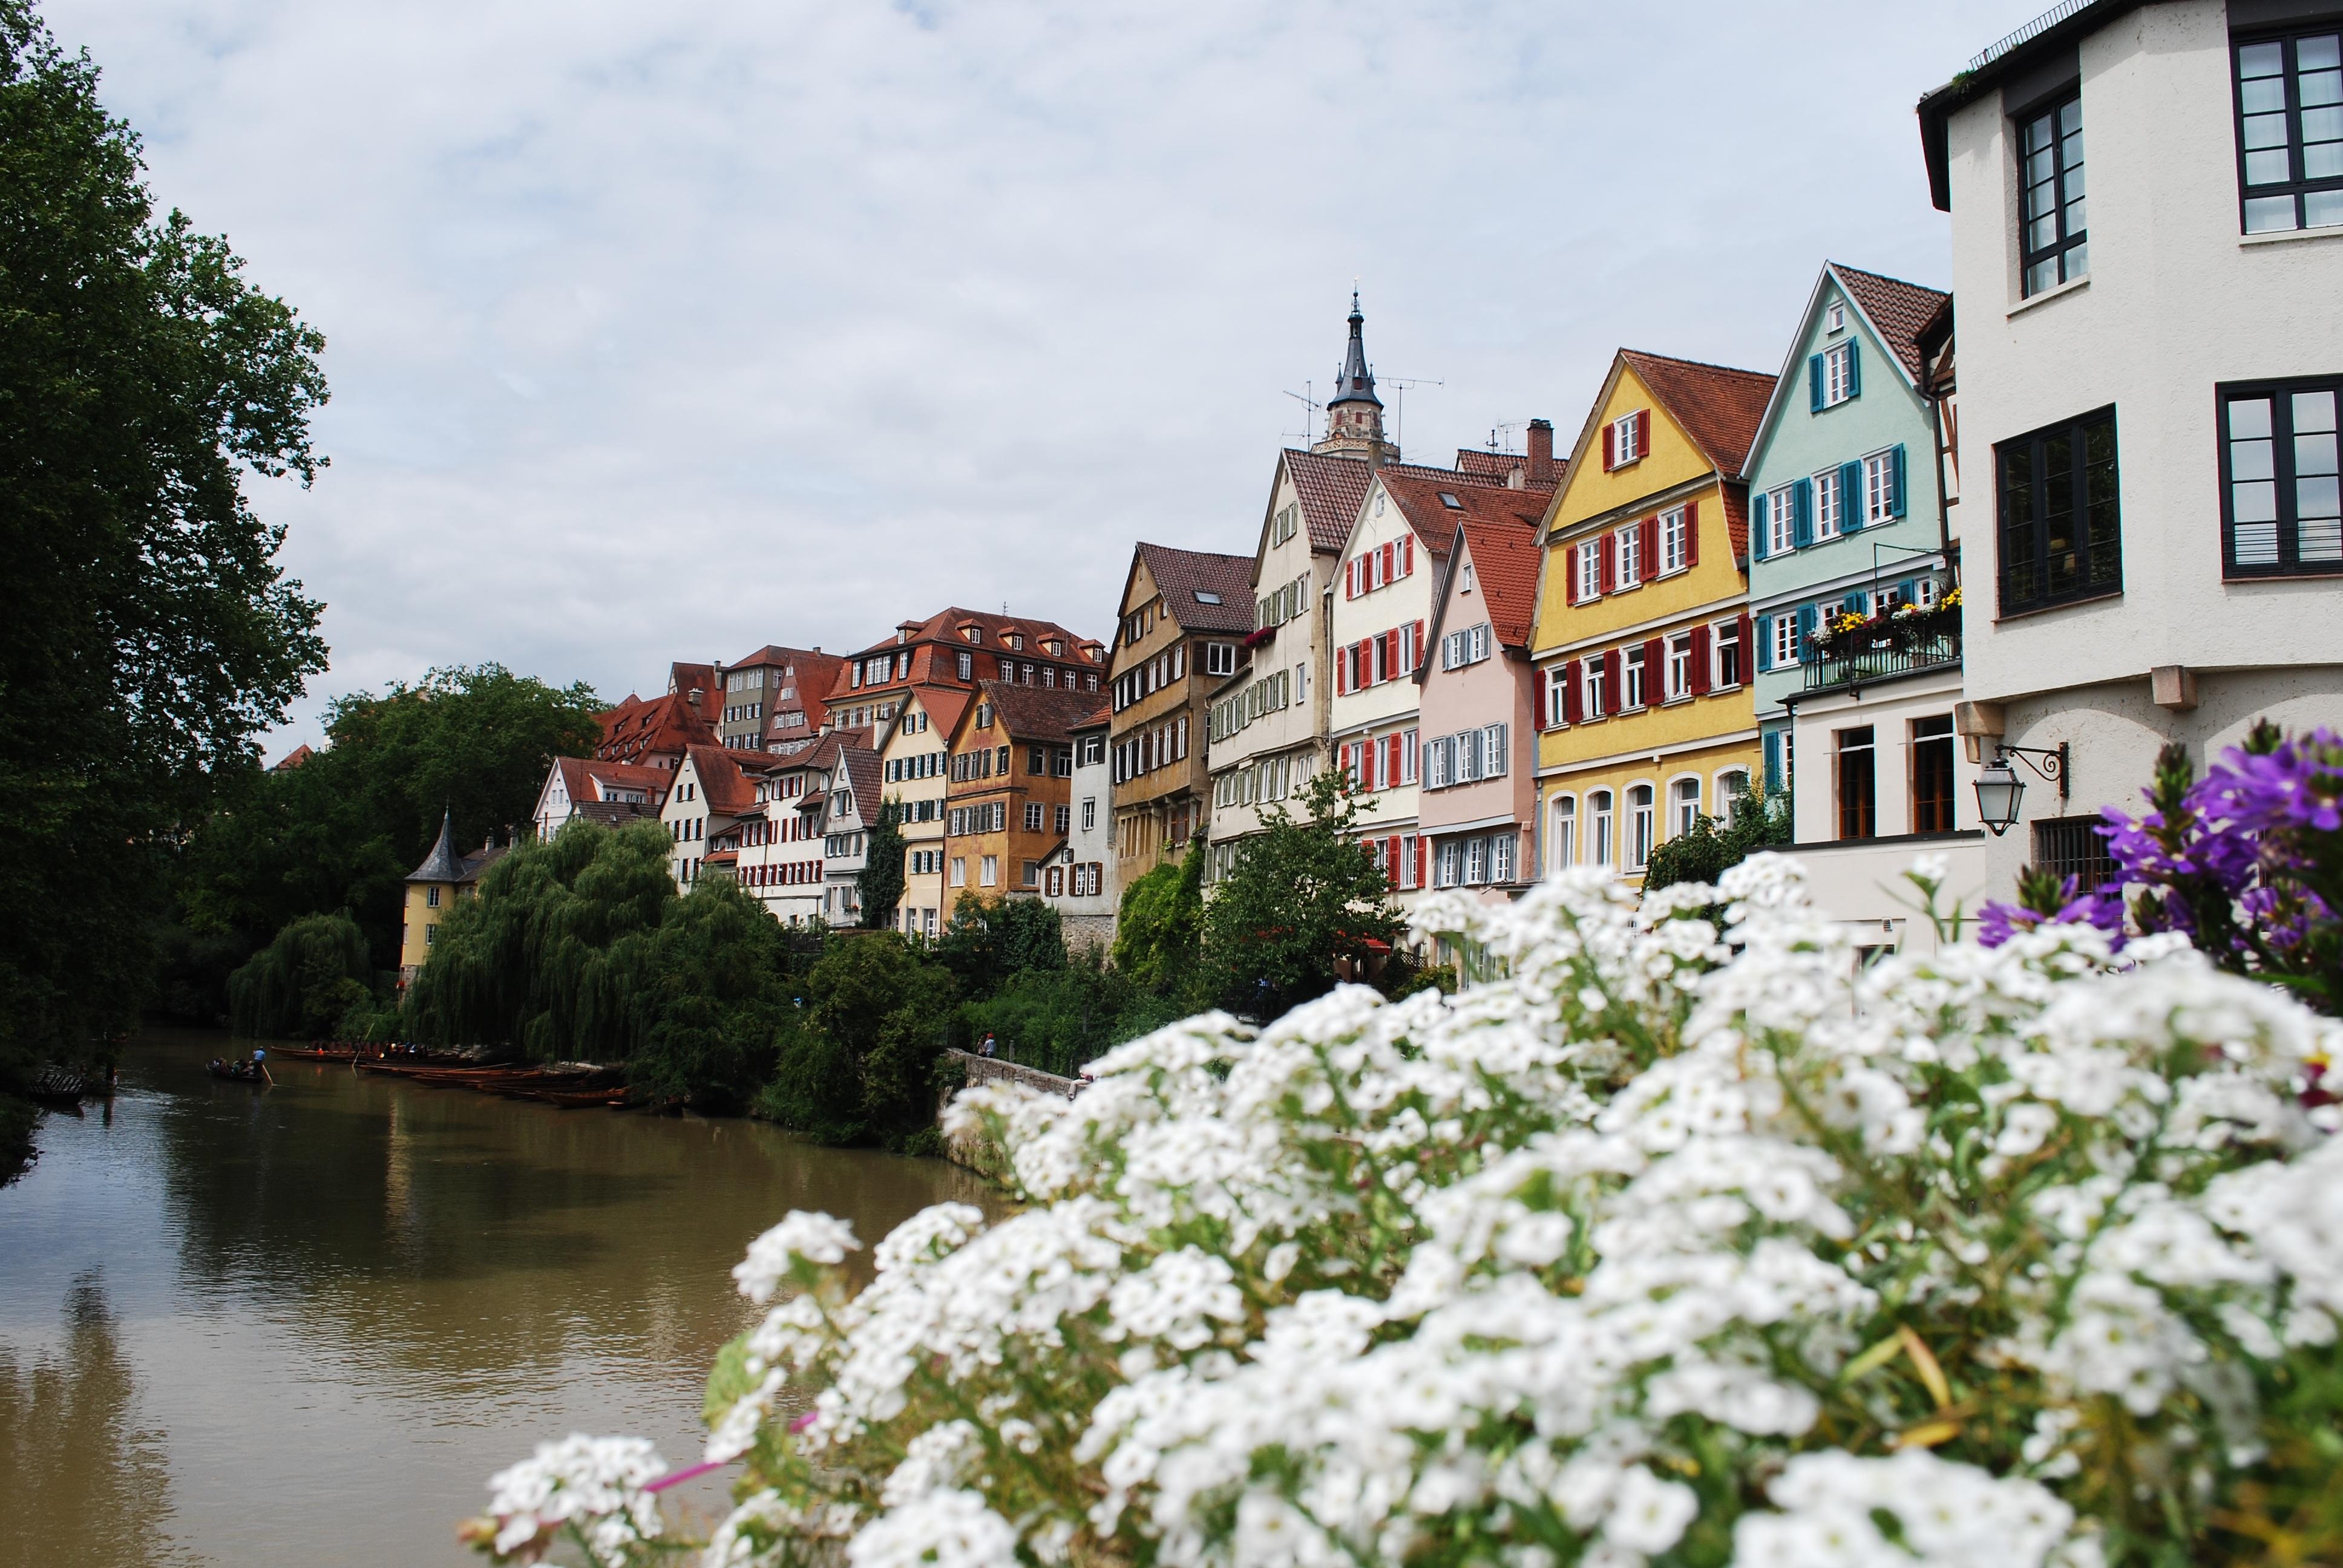 Images gratuites maison fleur ville rivi re canal for Baden baden allemagne maison close